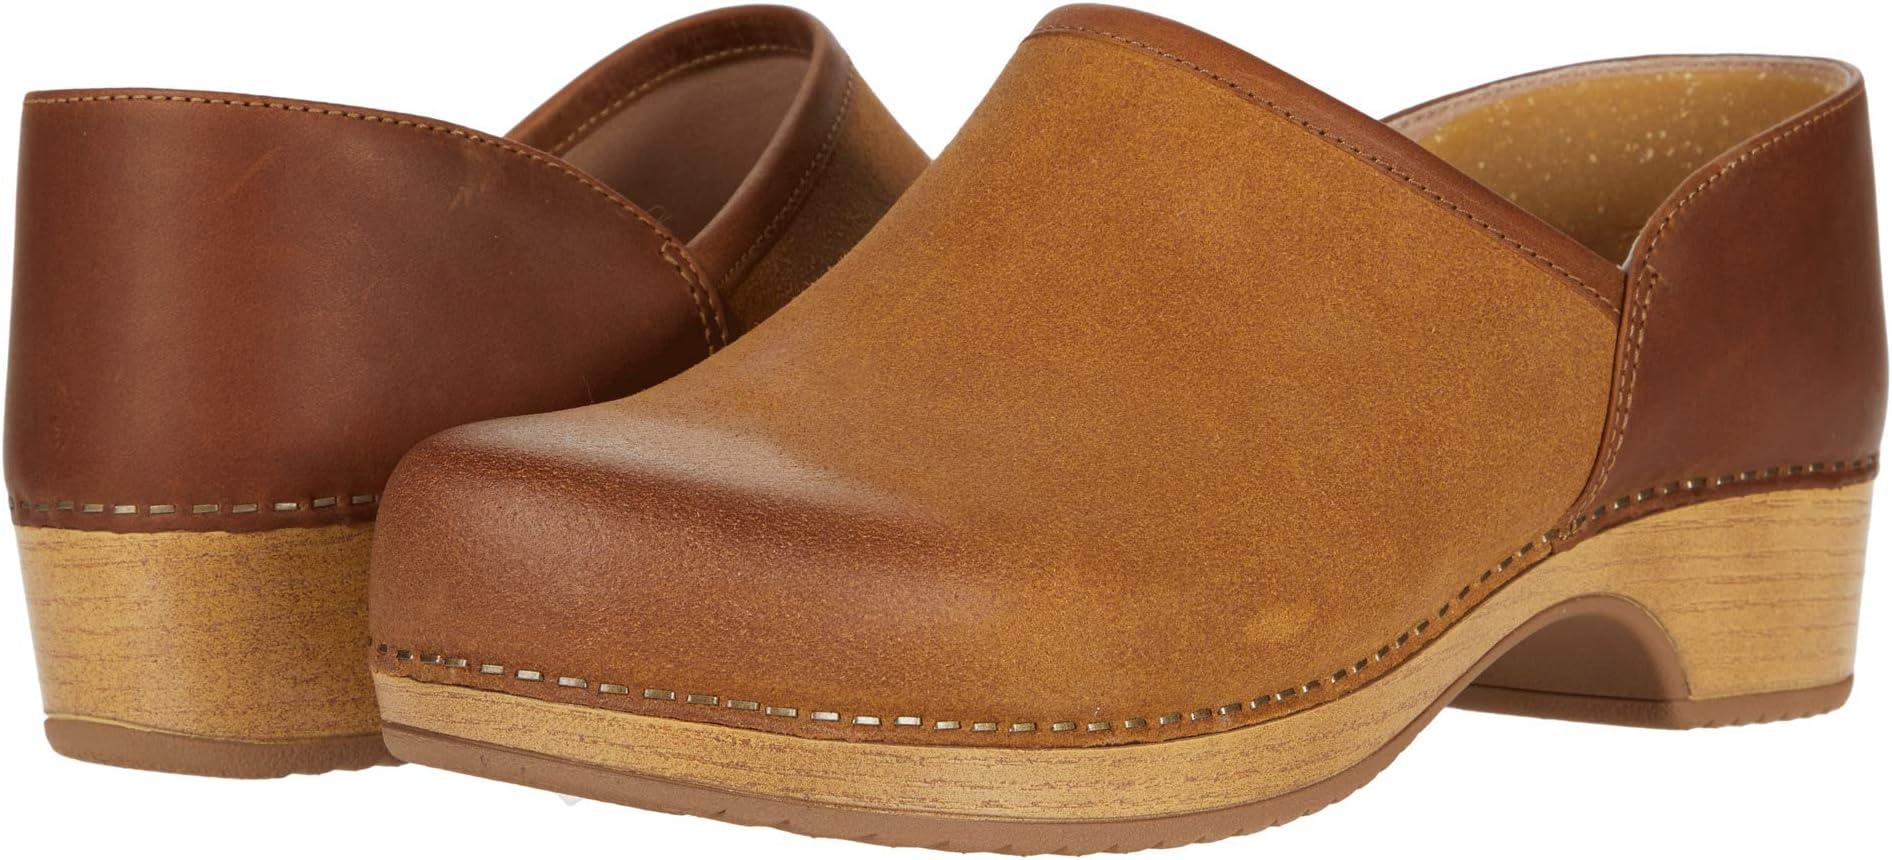 Dansko Boots, Shoes, \u0026 Clogs | Zappos.com